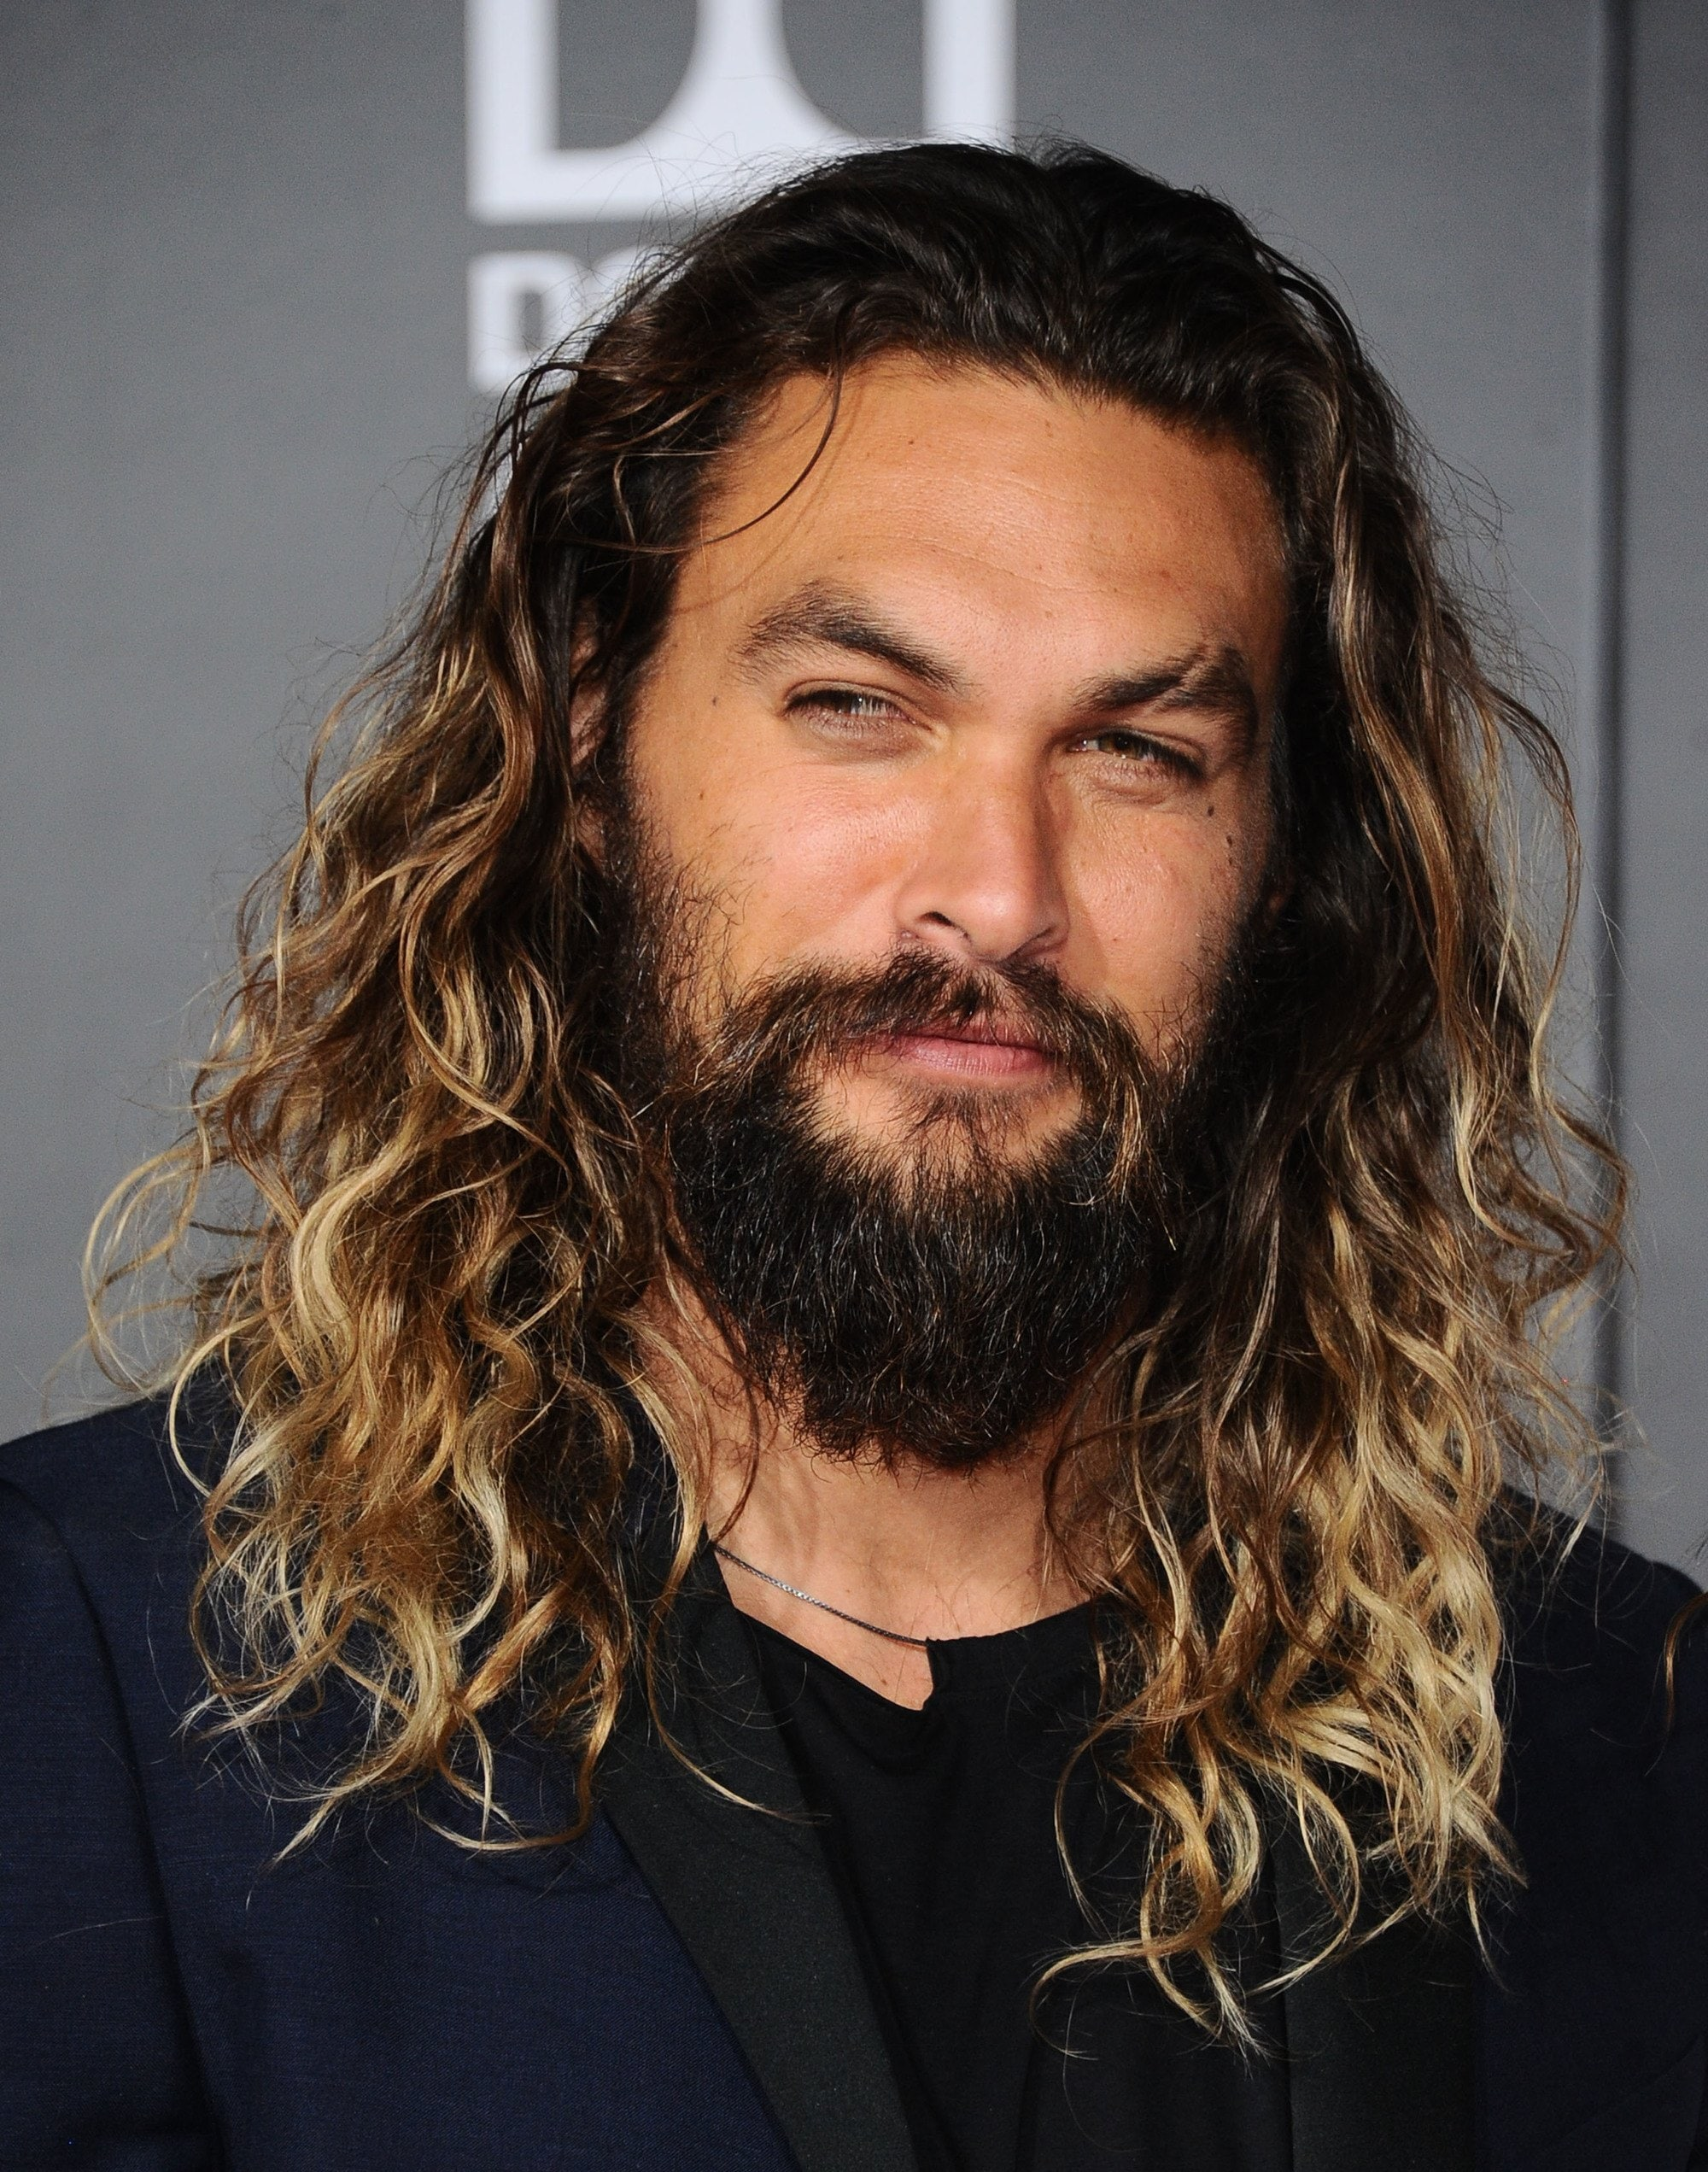 Hombre de raices castaño oscuro y pelo largo con rulos color rubio. Tiene barba y bigotes